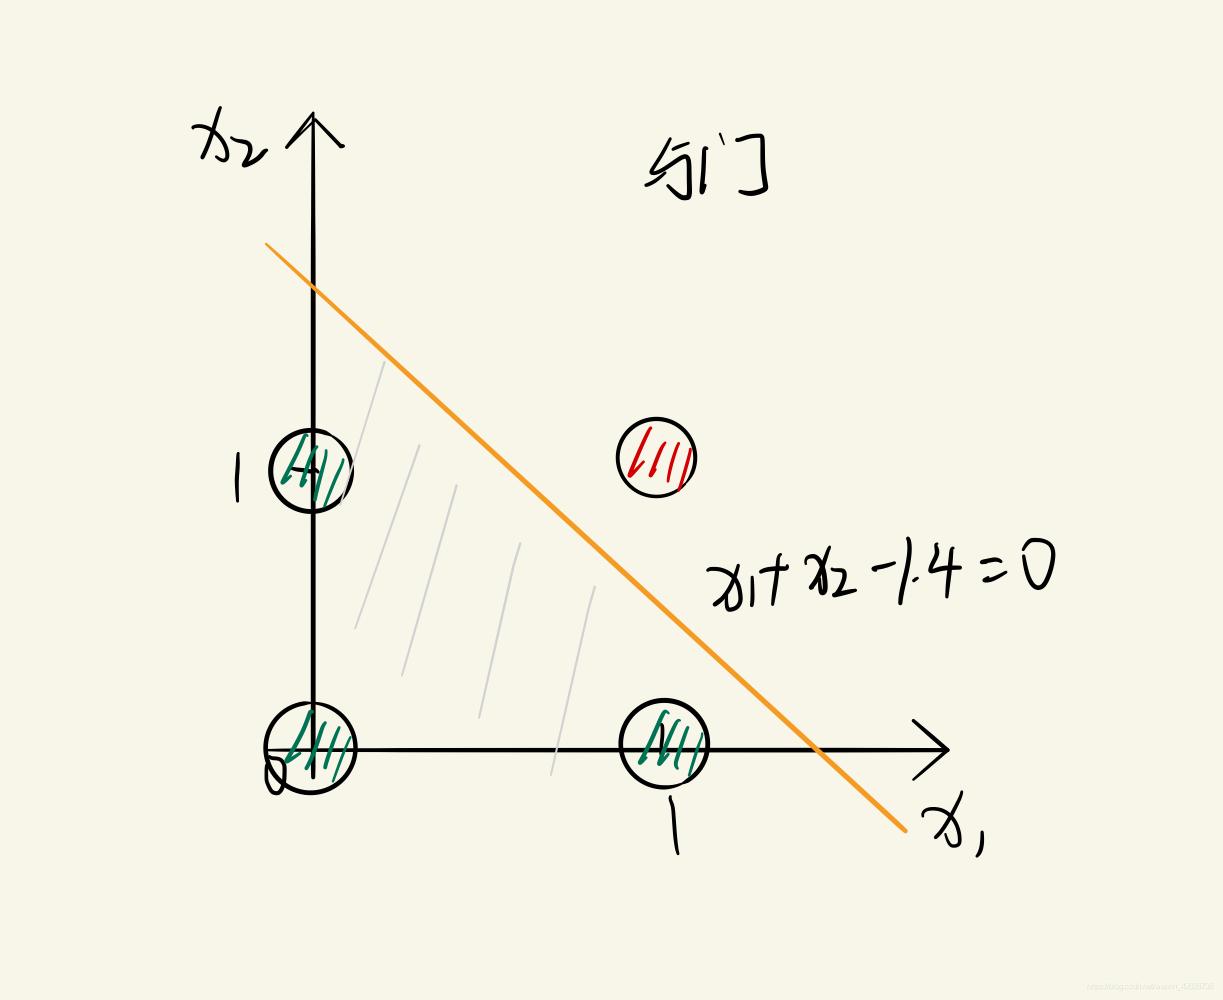 与门样本点划分示例图